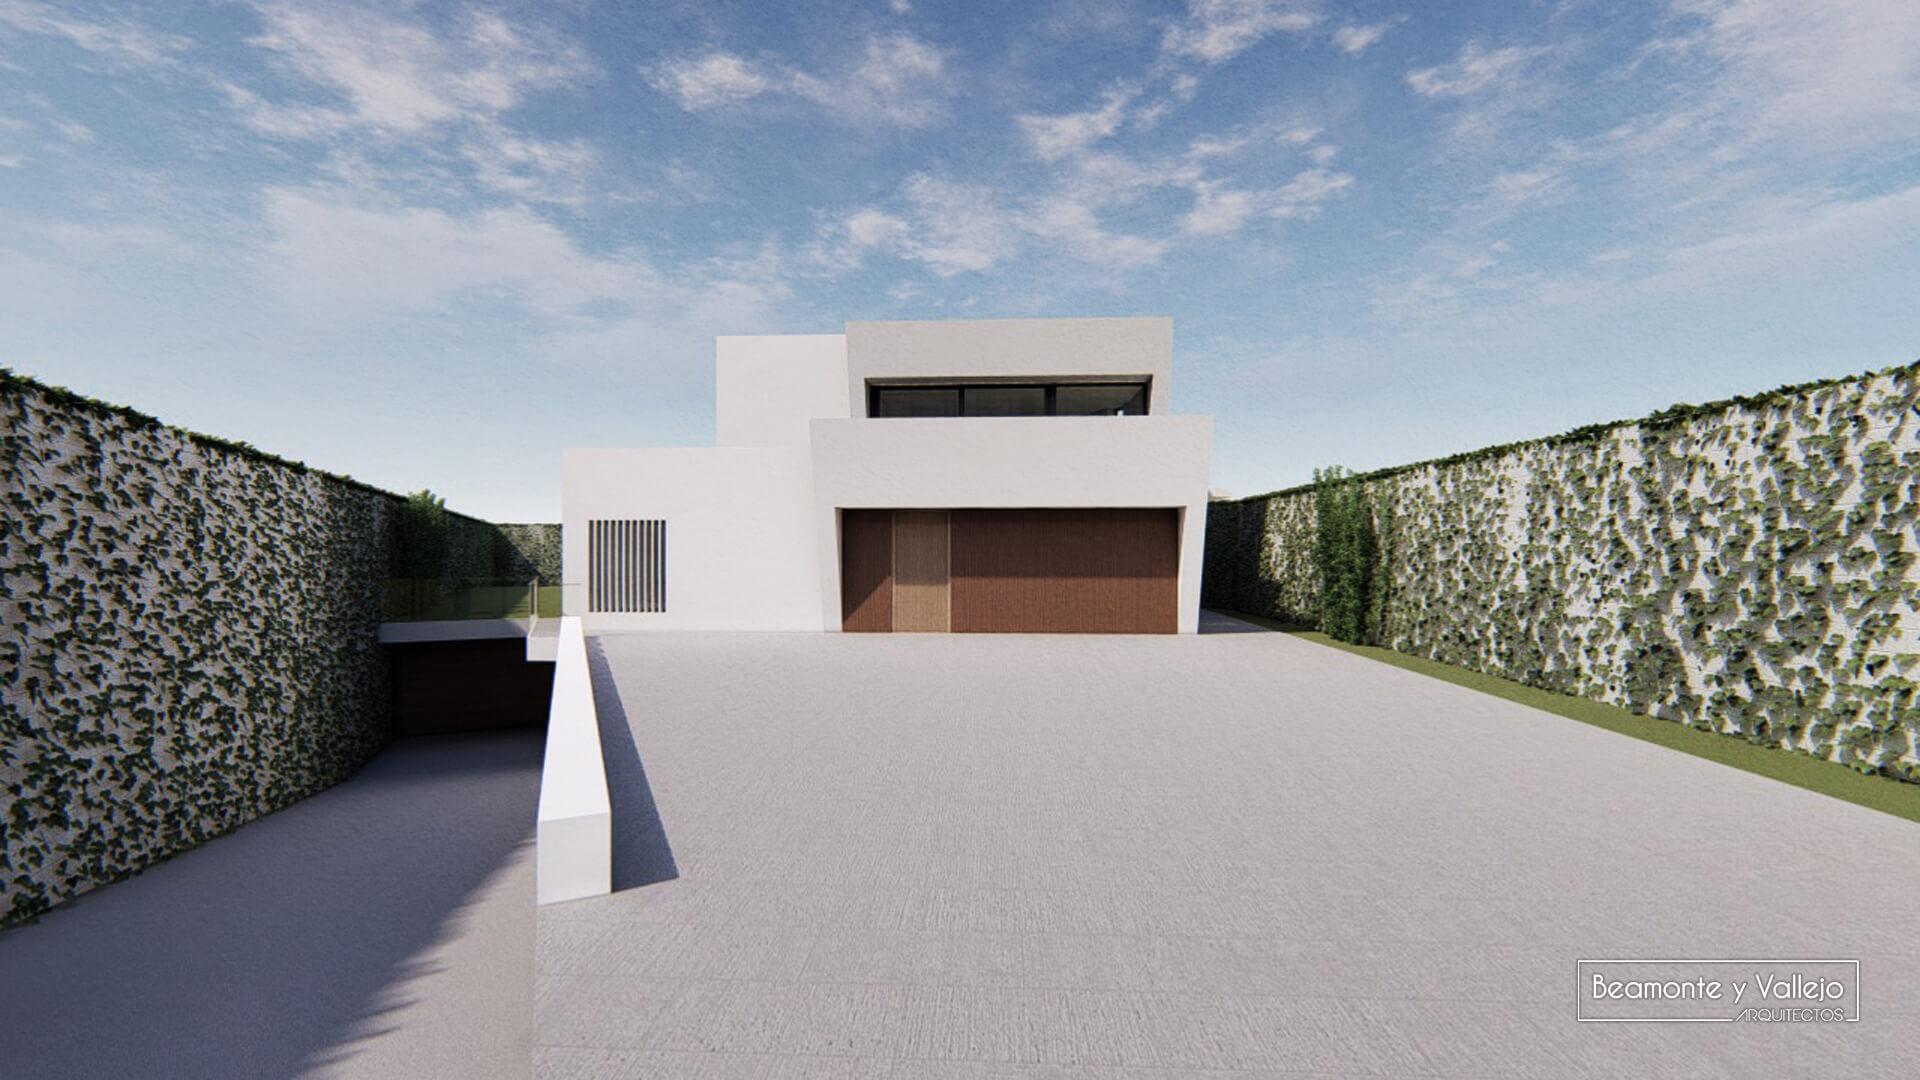 Beamonte y Vallejo arquitectos - Passivhaus Las Lomas 1 - 5